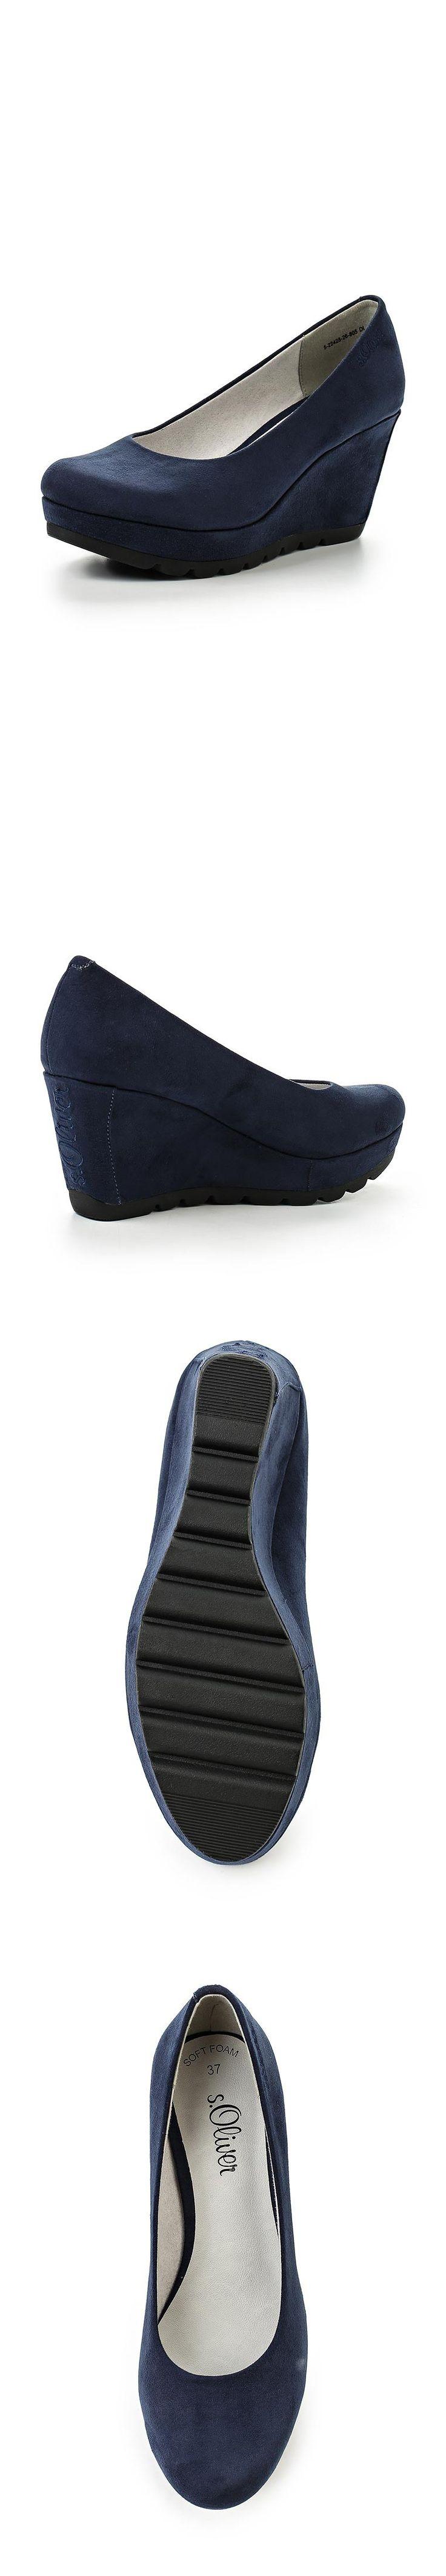 Женская обувь туфли s.Oliver за 4899.00 руб.